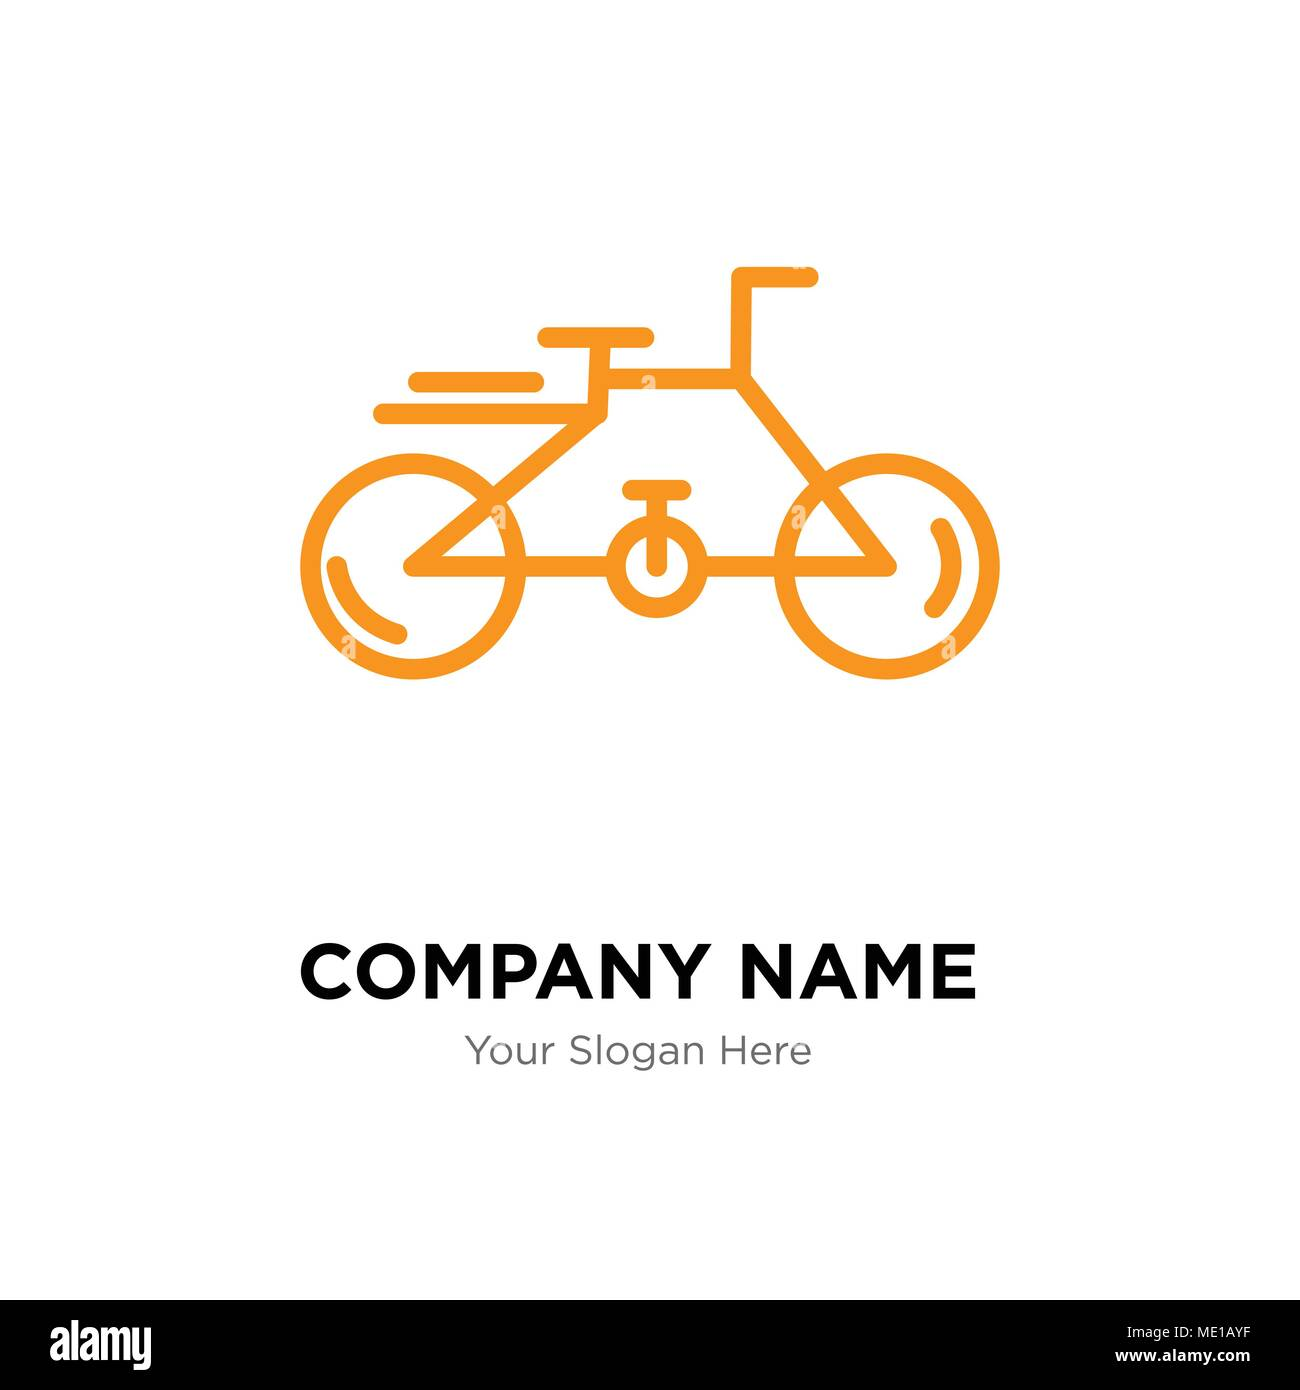 Ausgezeichnet Logo Design Vorschlag Vorlage Bilder - Entry Level ...